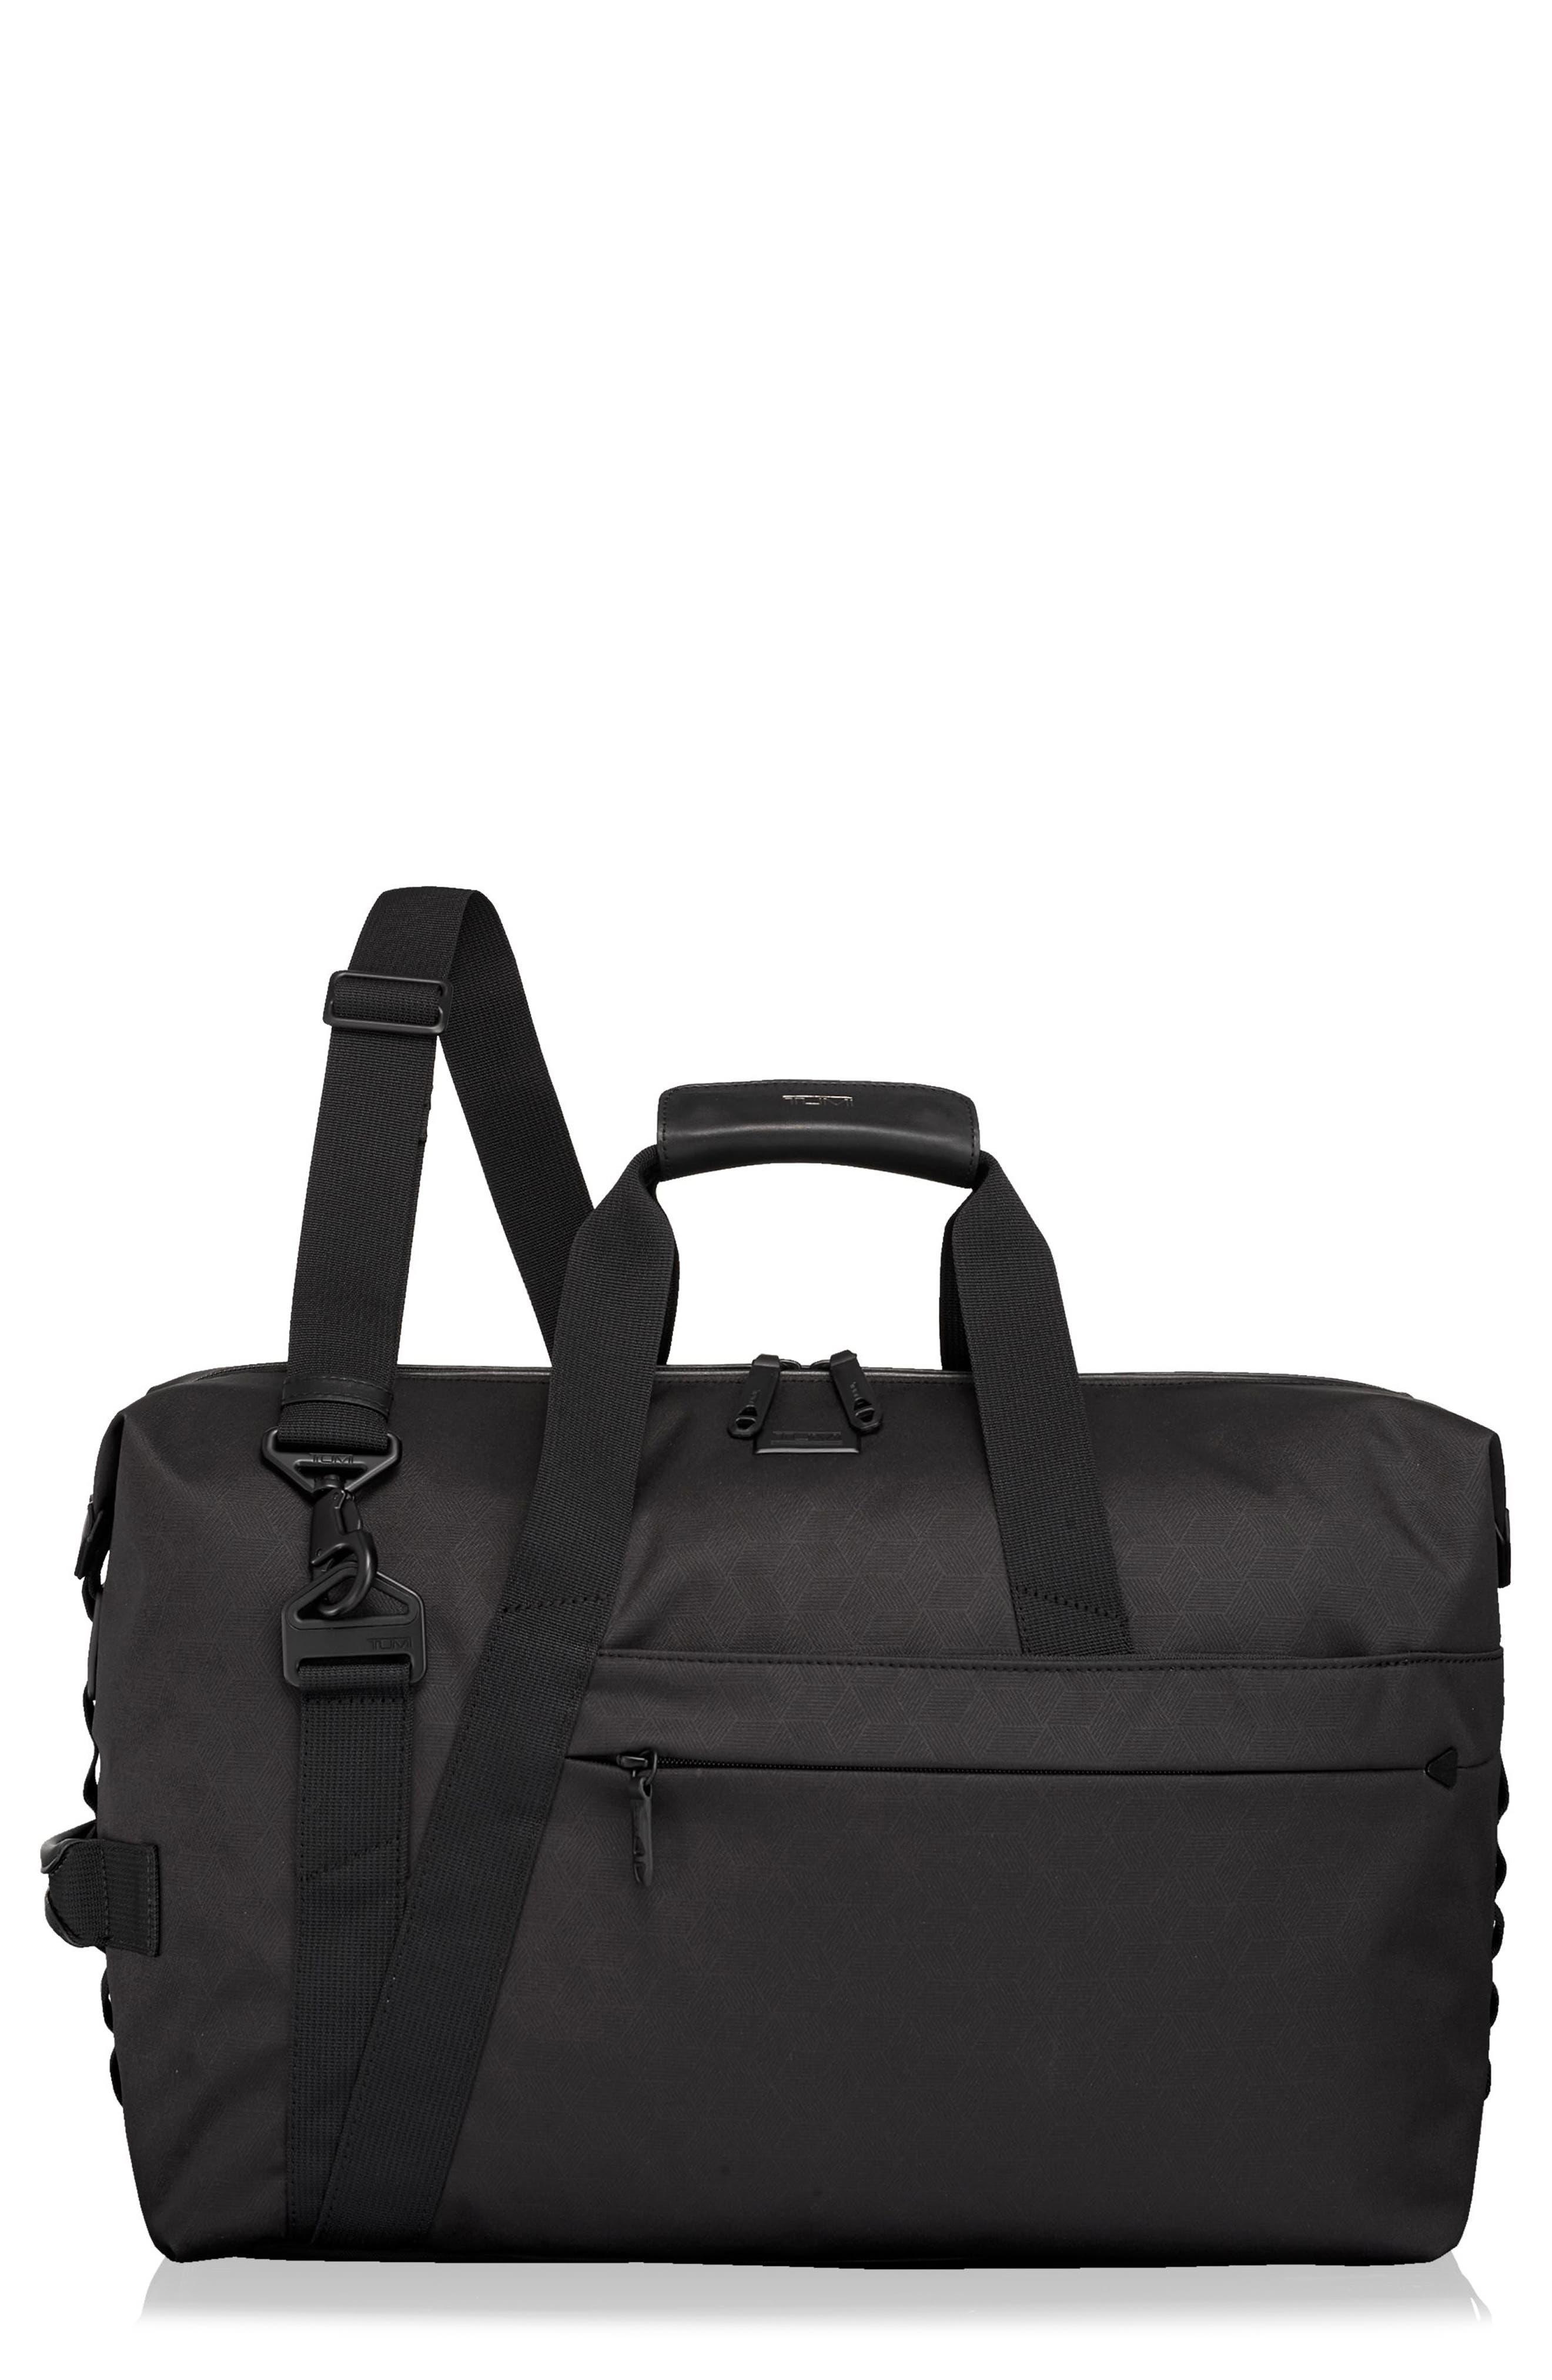 Alternate Image 1 Selected - Tumi Sonoma Duffel Bag